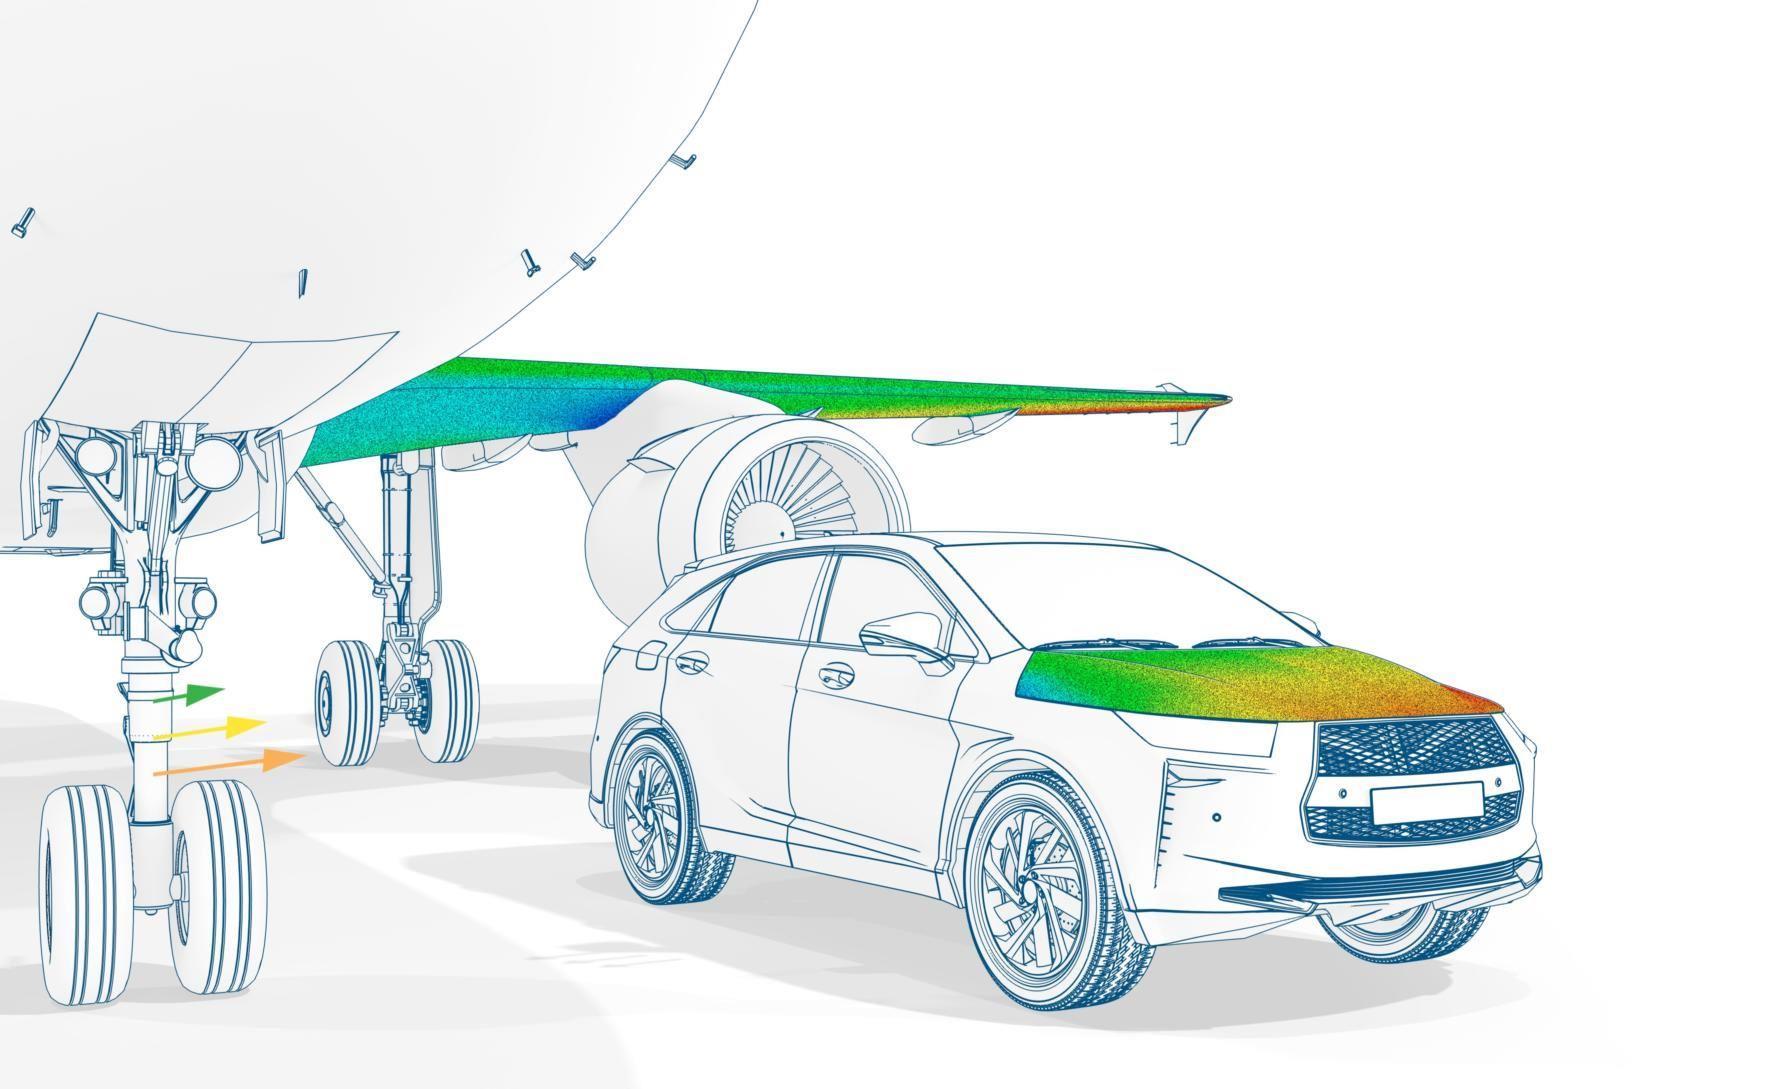 ARAMIS-automotive-application-phan-tich-chuyen-dong-va-bien-dang-3d-quang-hoc